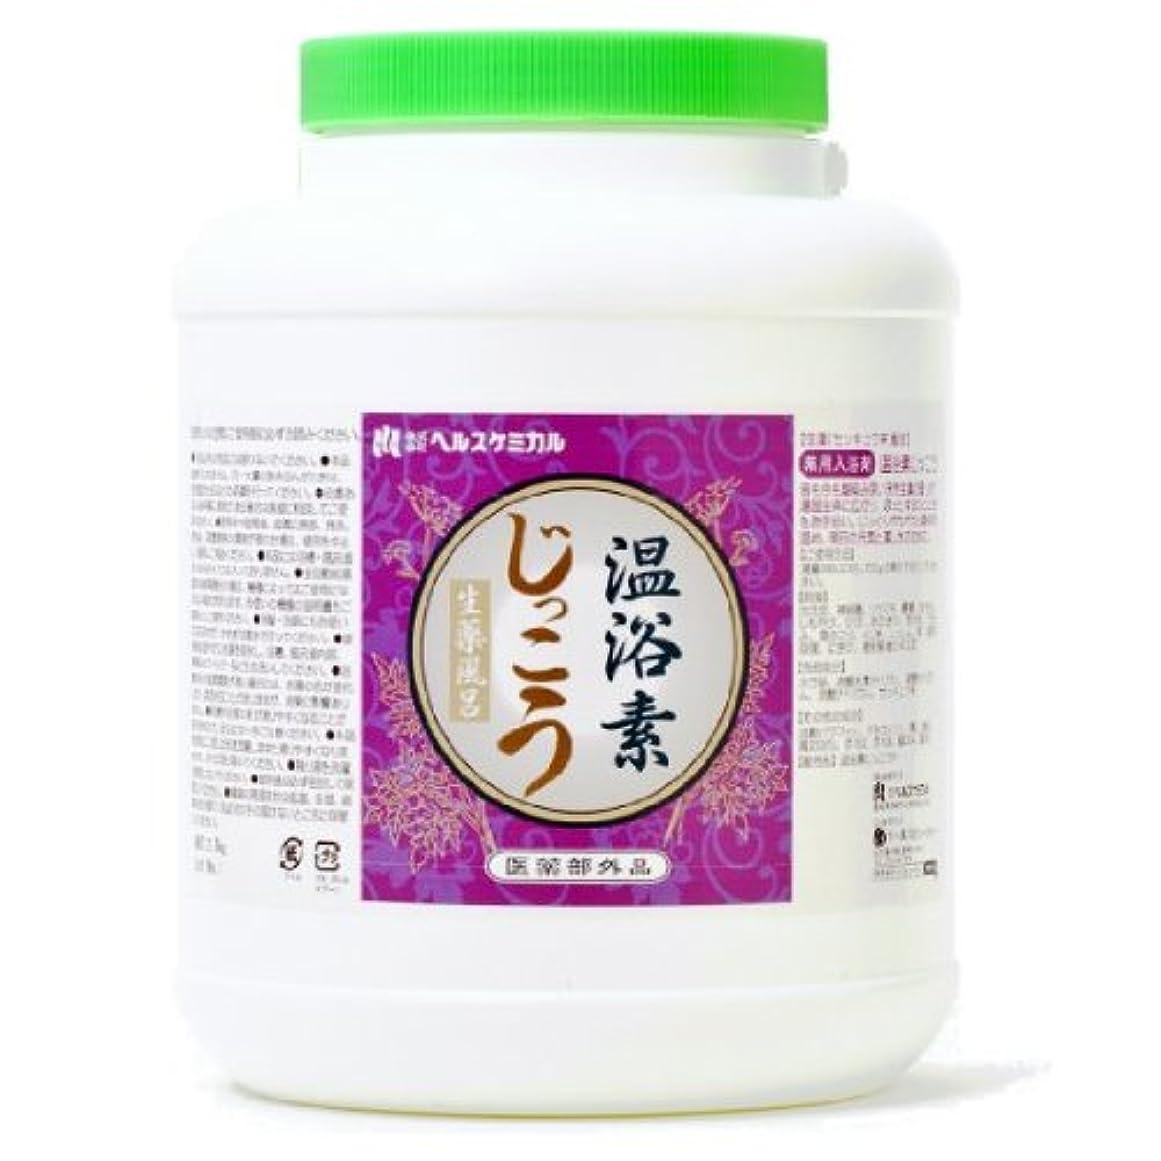 距離受動的モジュール温浴素 じっこう 2.5kg 約125回分 粉末 生薬 薬湯 医薬部外品 ロングセラー 天然生薬 の 香り